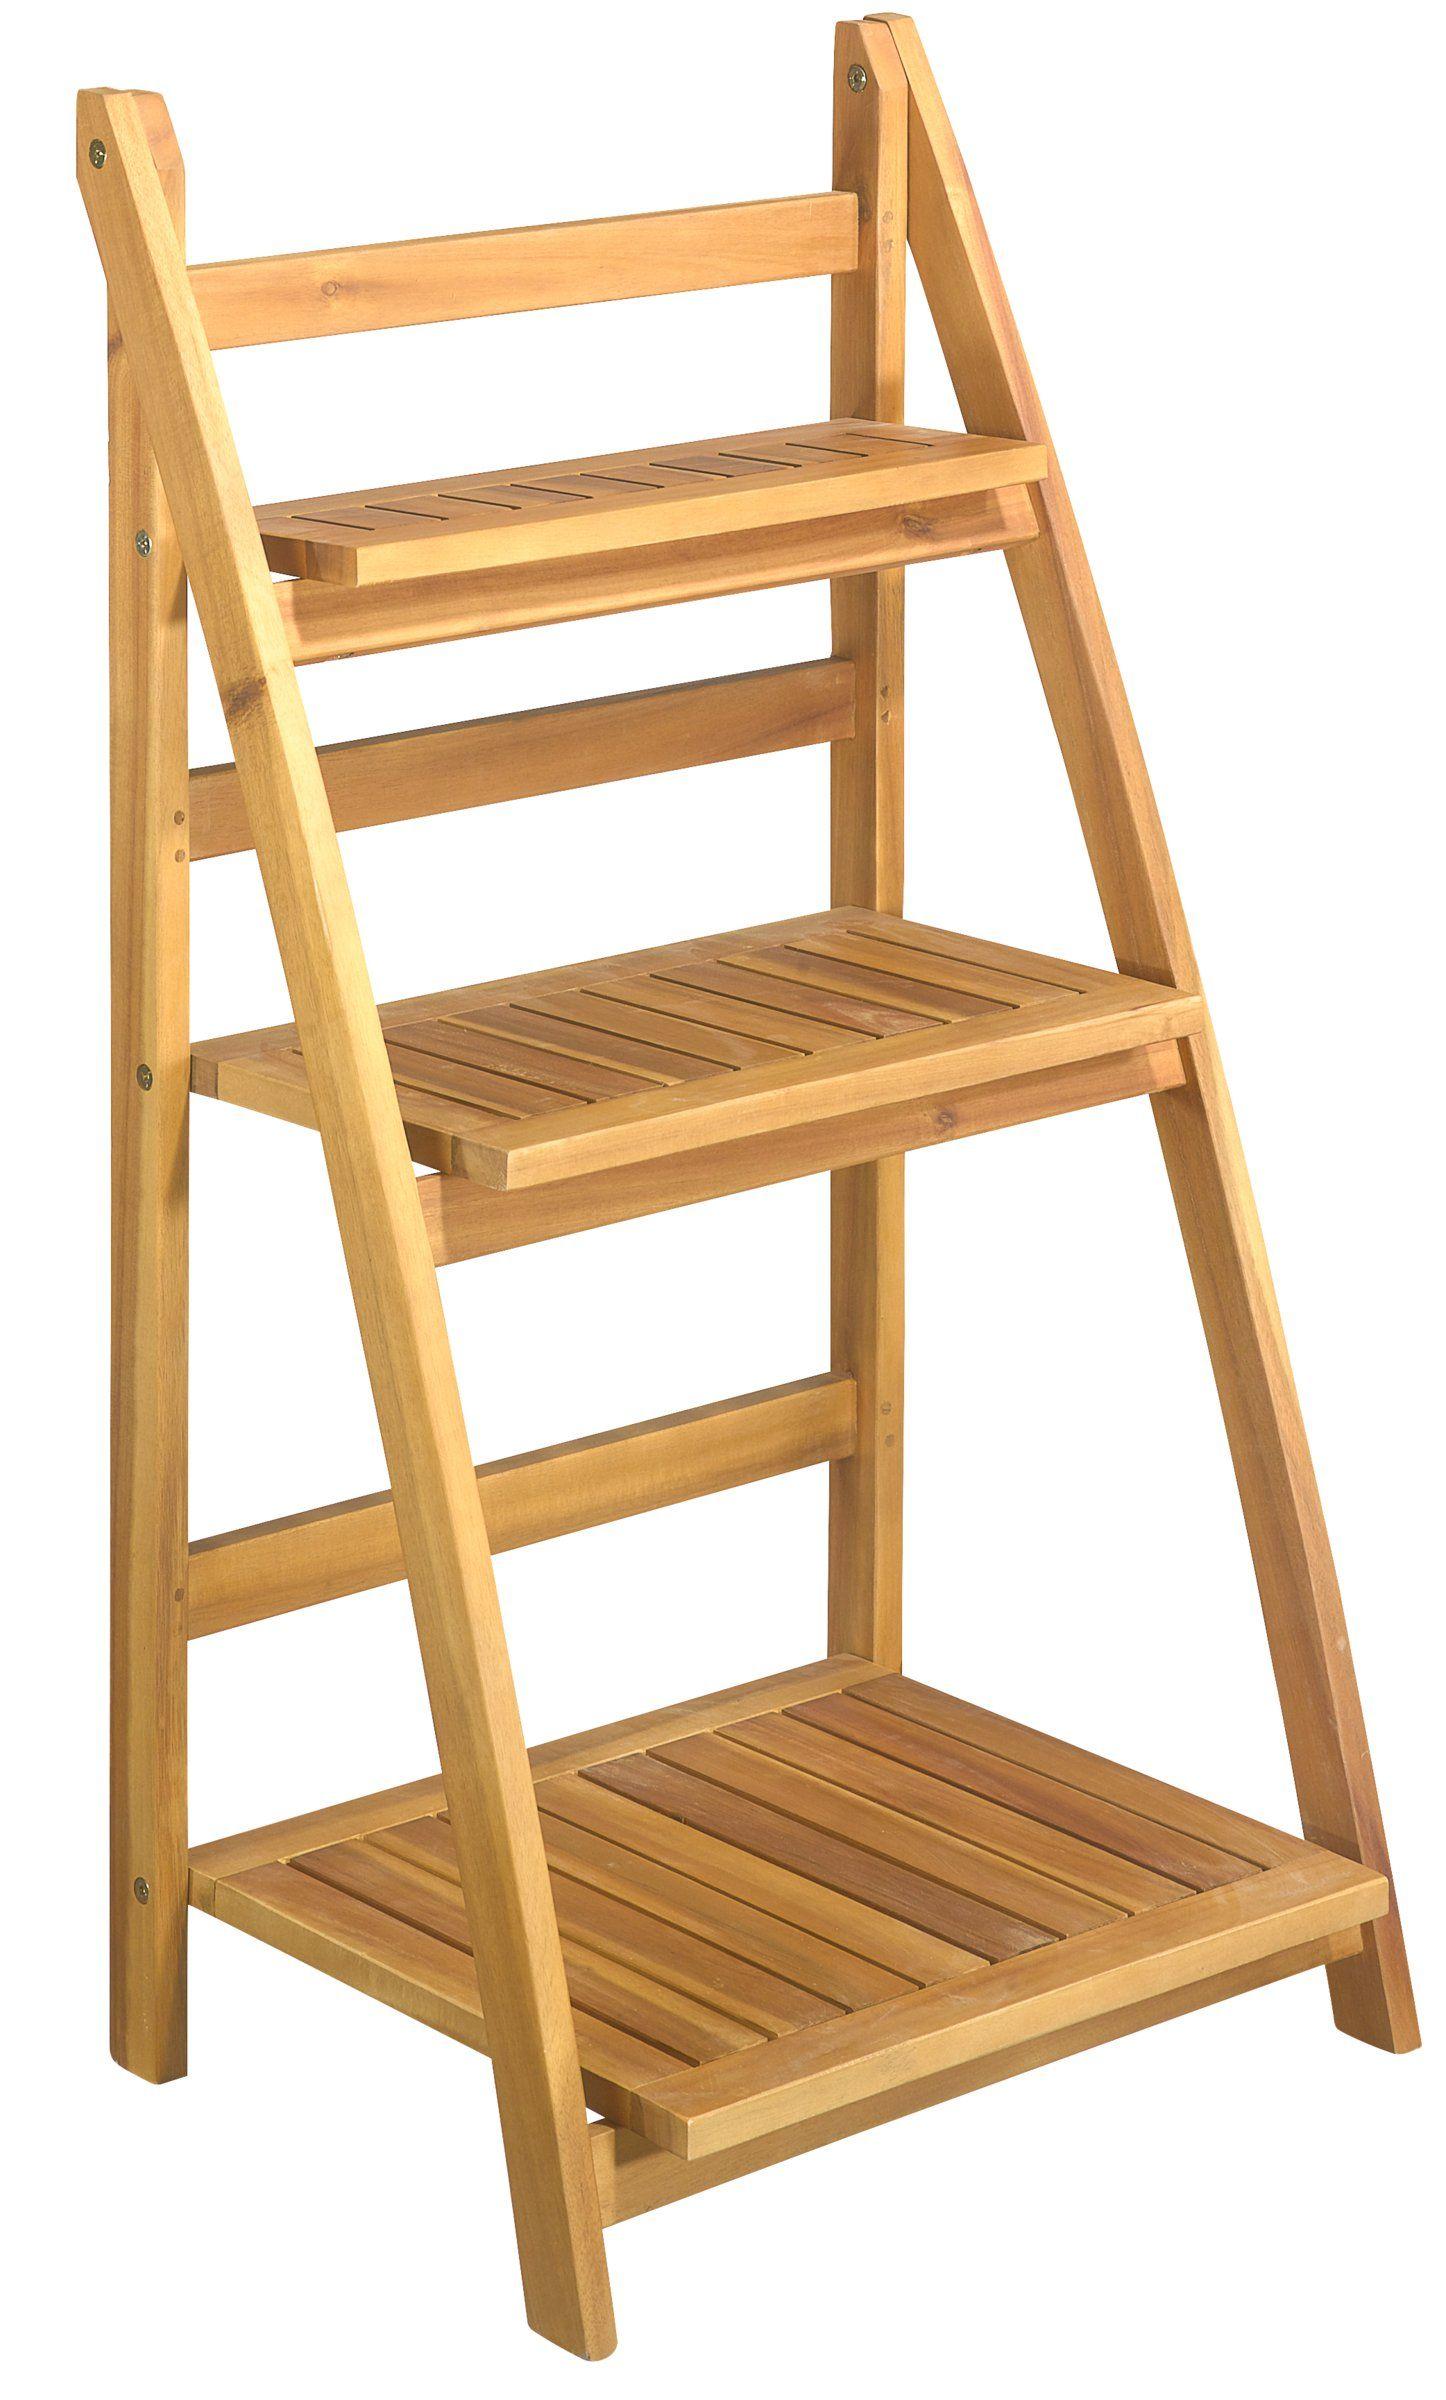 pflanzen regal 95cm akazienholz teaklook einrichtung pinterest akazienholz regal und. Black Bedroom Furniture Sets. Home Design Ideas